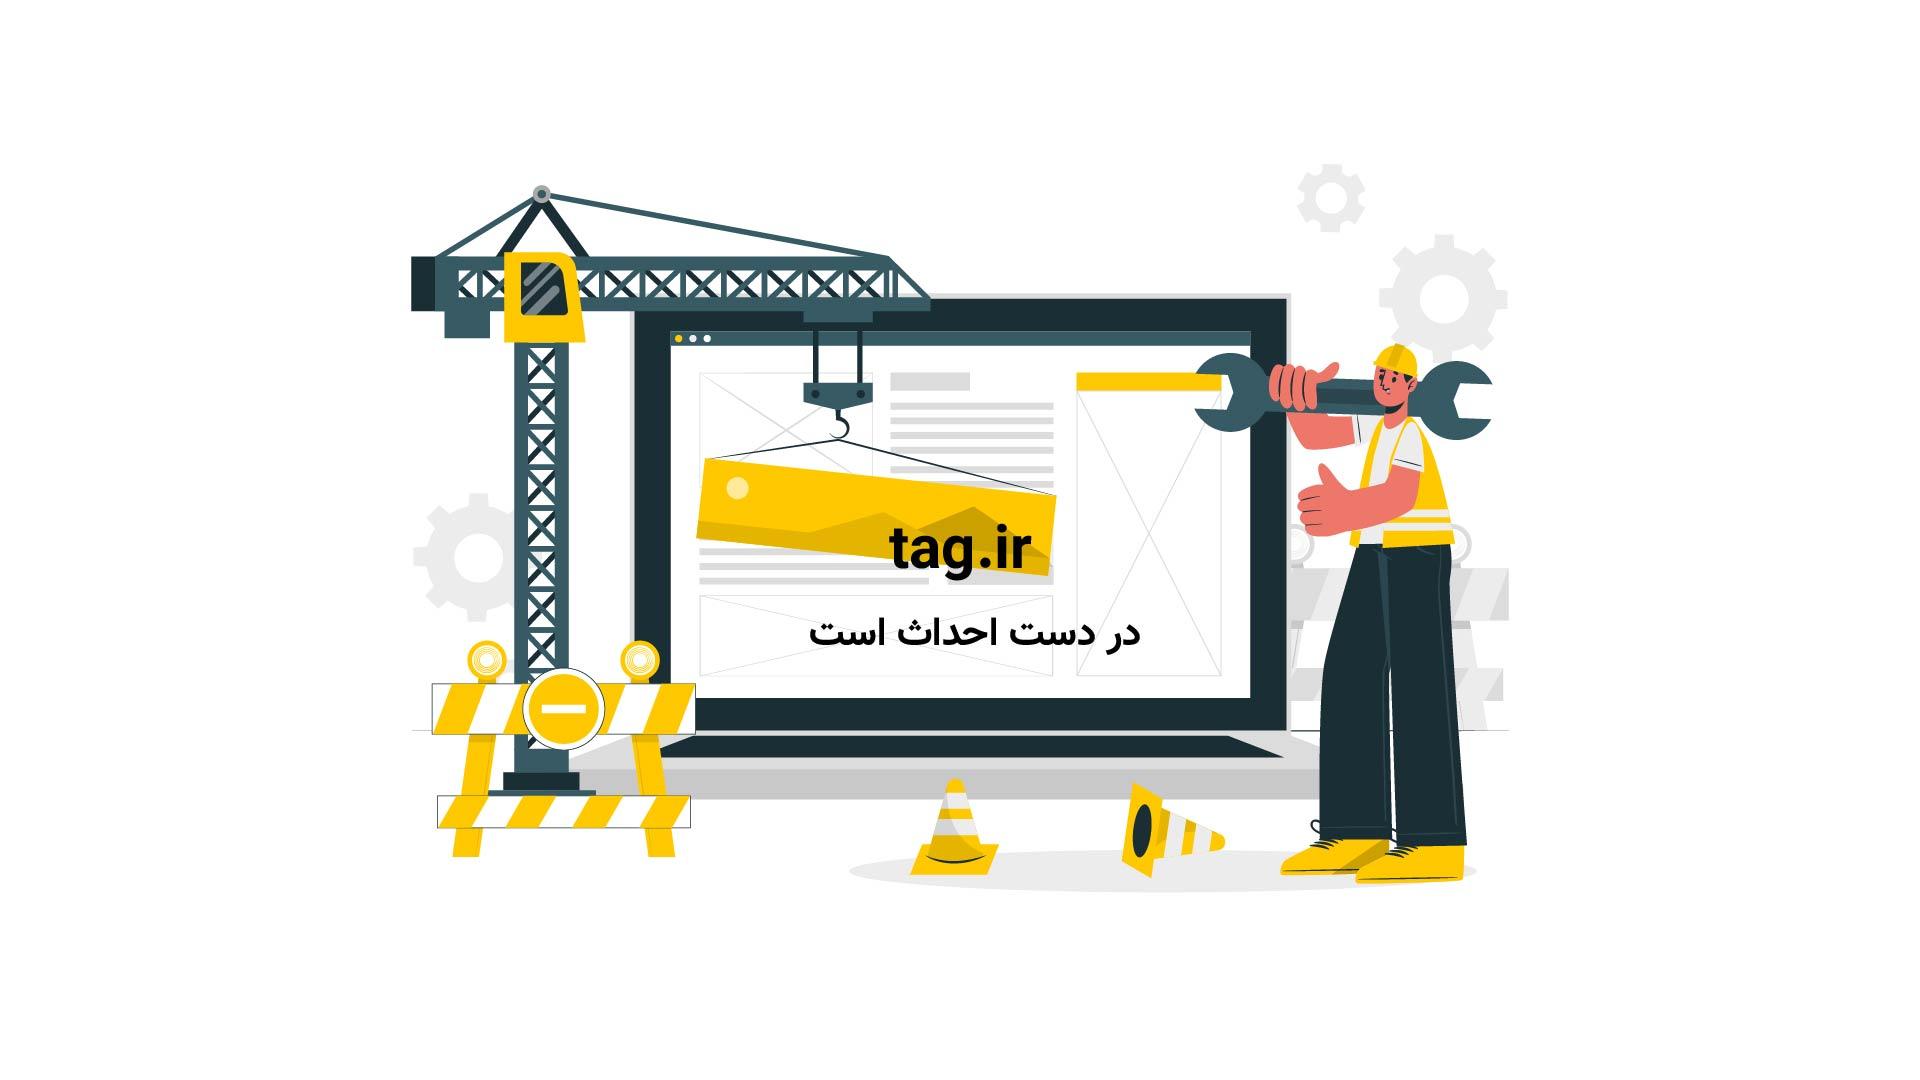 8 مصدوم در آتش سوزی هتل آزادی آبادان | فیلم